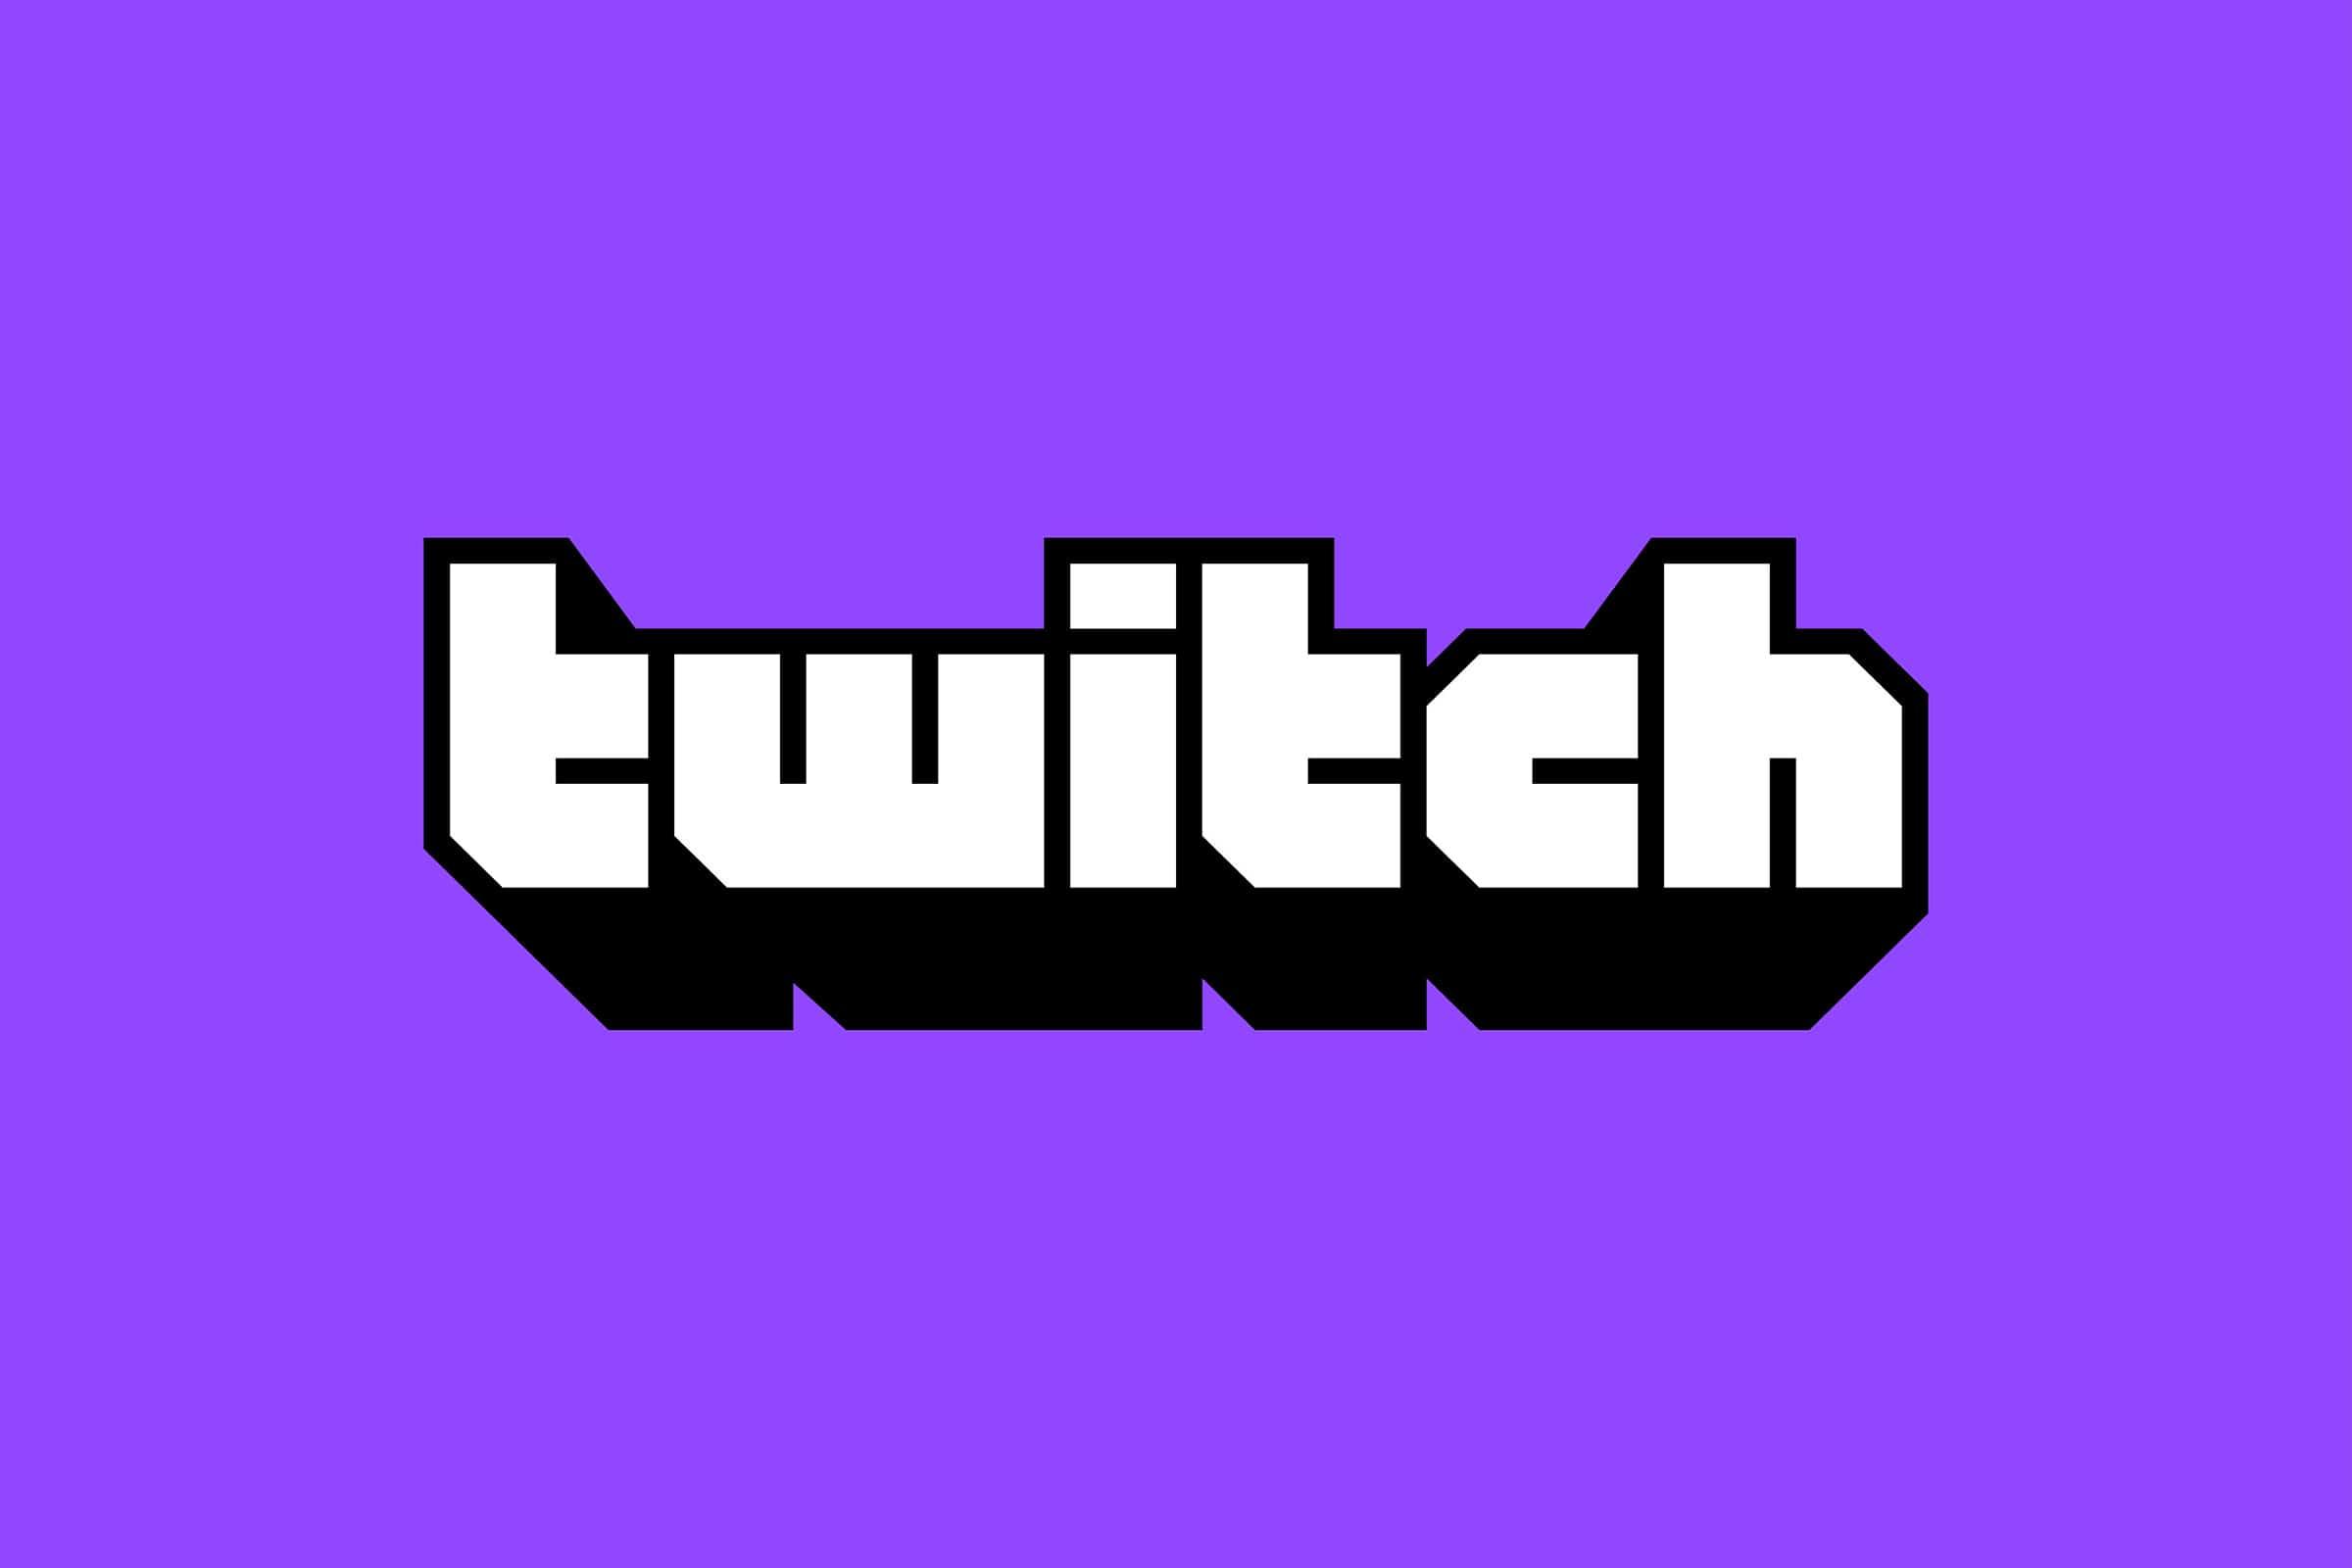 Twitch logo image 1